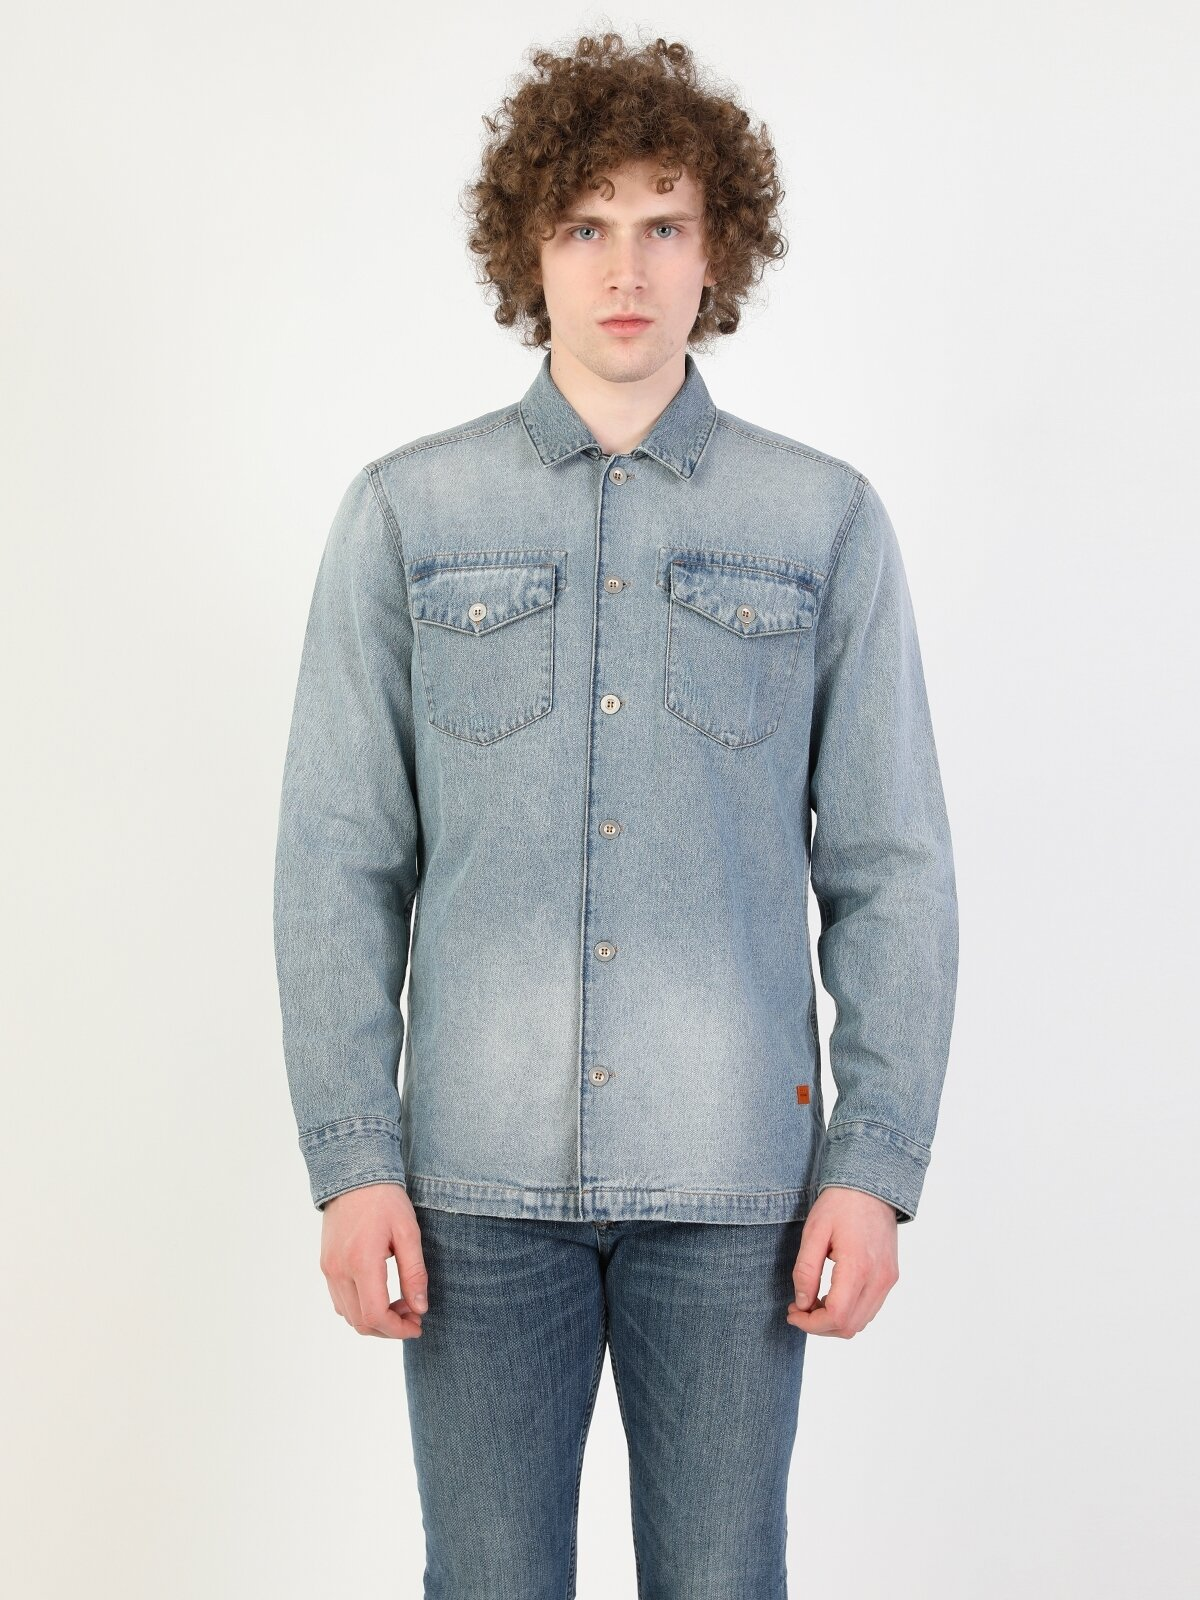 Regular Fit Standart Kol V Yaka021 Joelerkek Jean Gömlek Uzun Kol